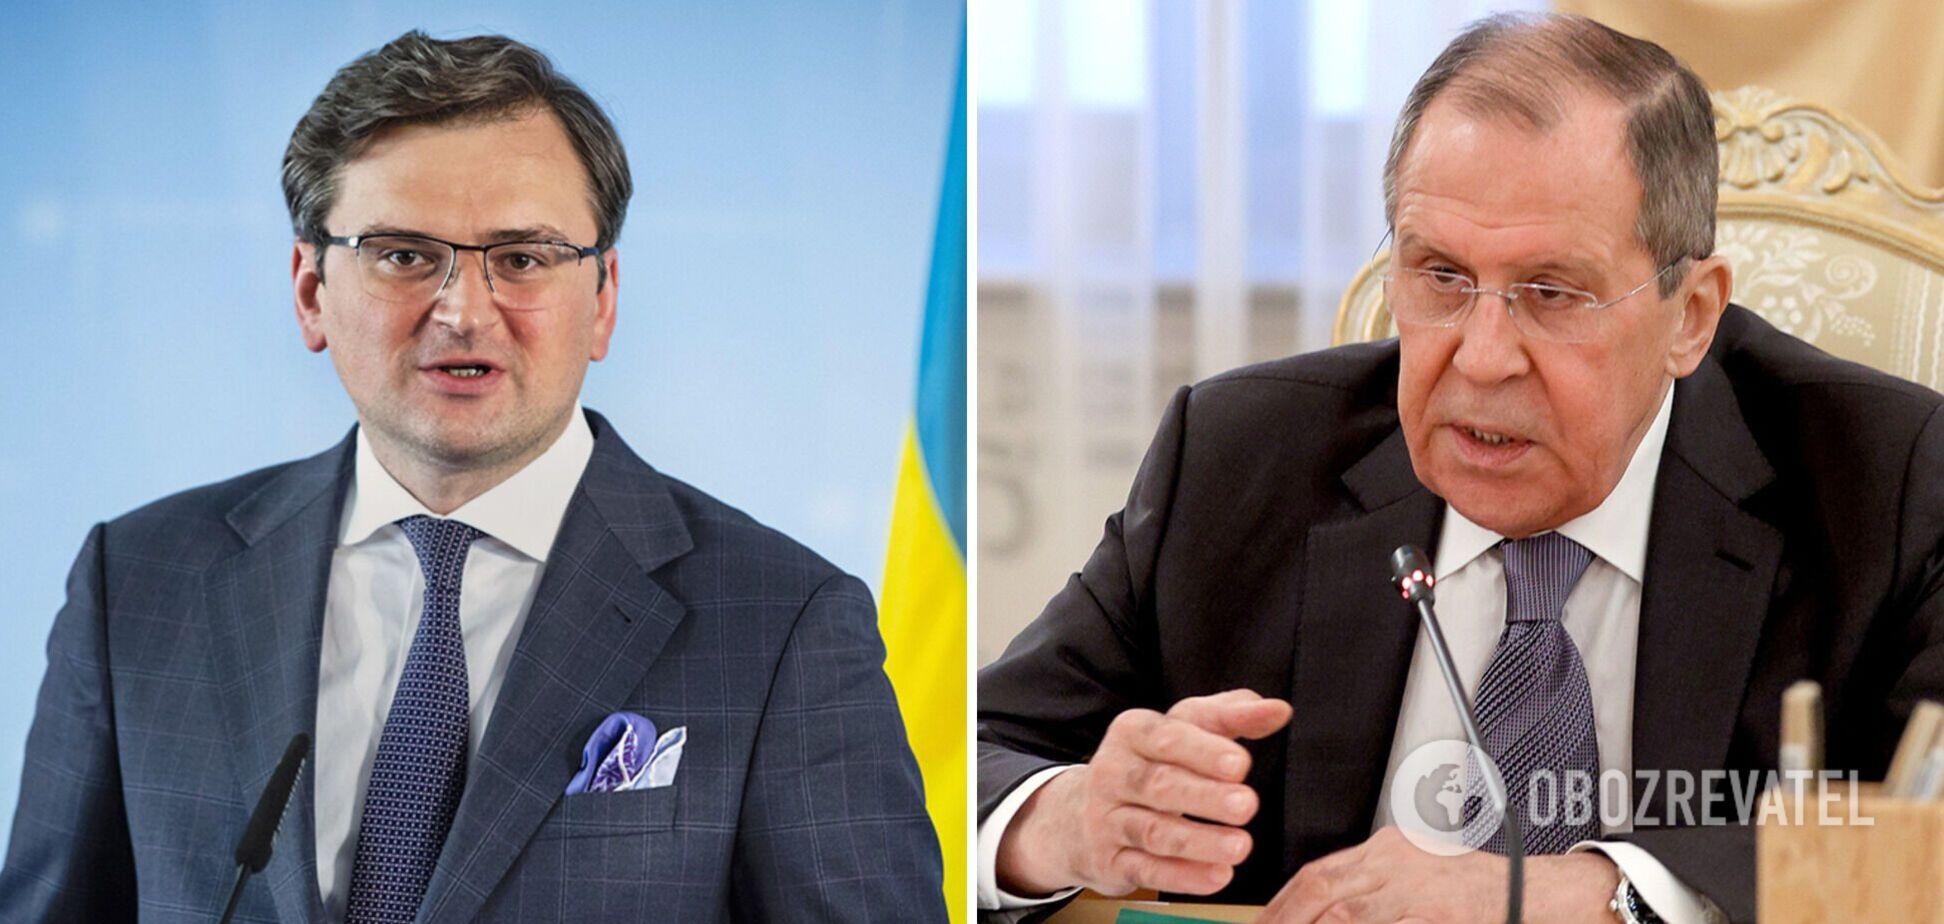 Кулеба сказал, что пытался дозвониться Лаврову: в РФ пояснили молчание